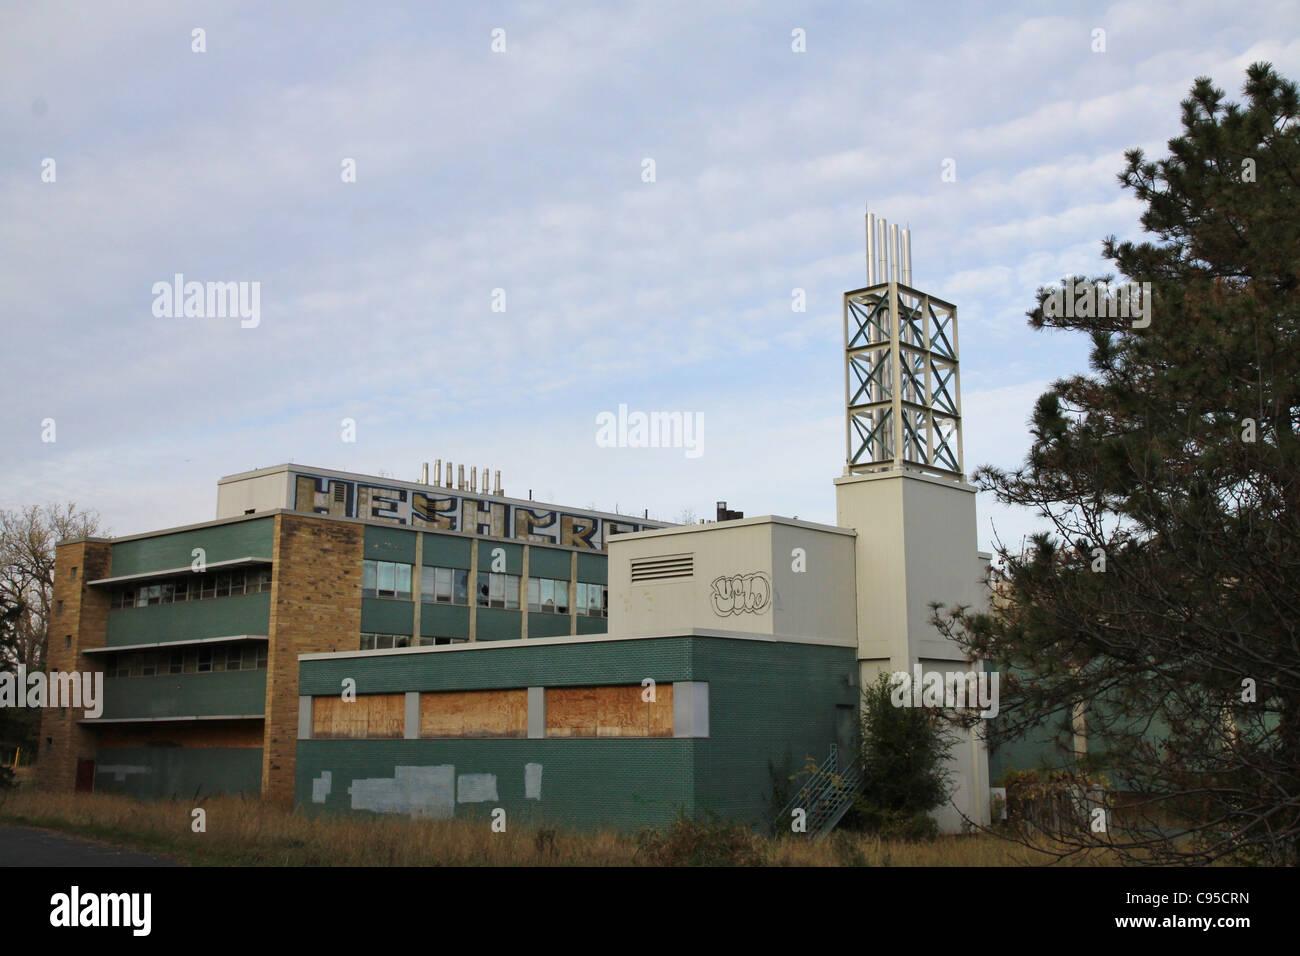 Das verlassene U. S. Bureau of Mines Gebäude in Minneapolis, Minnesota. Stockfoto